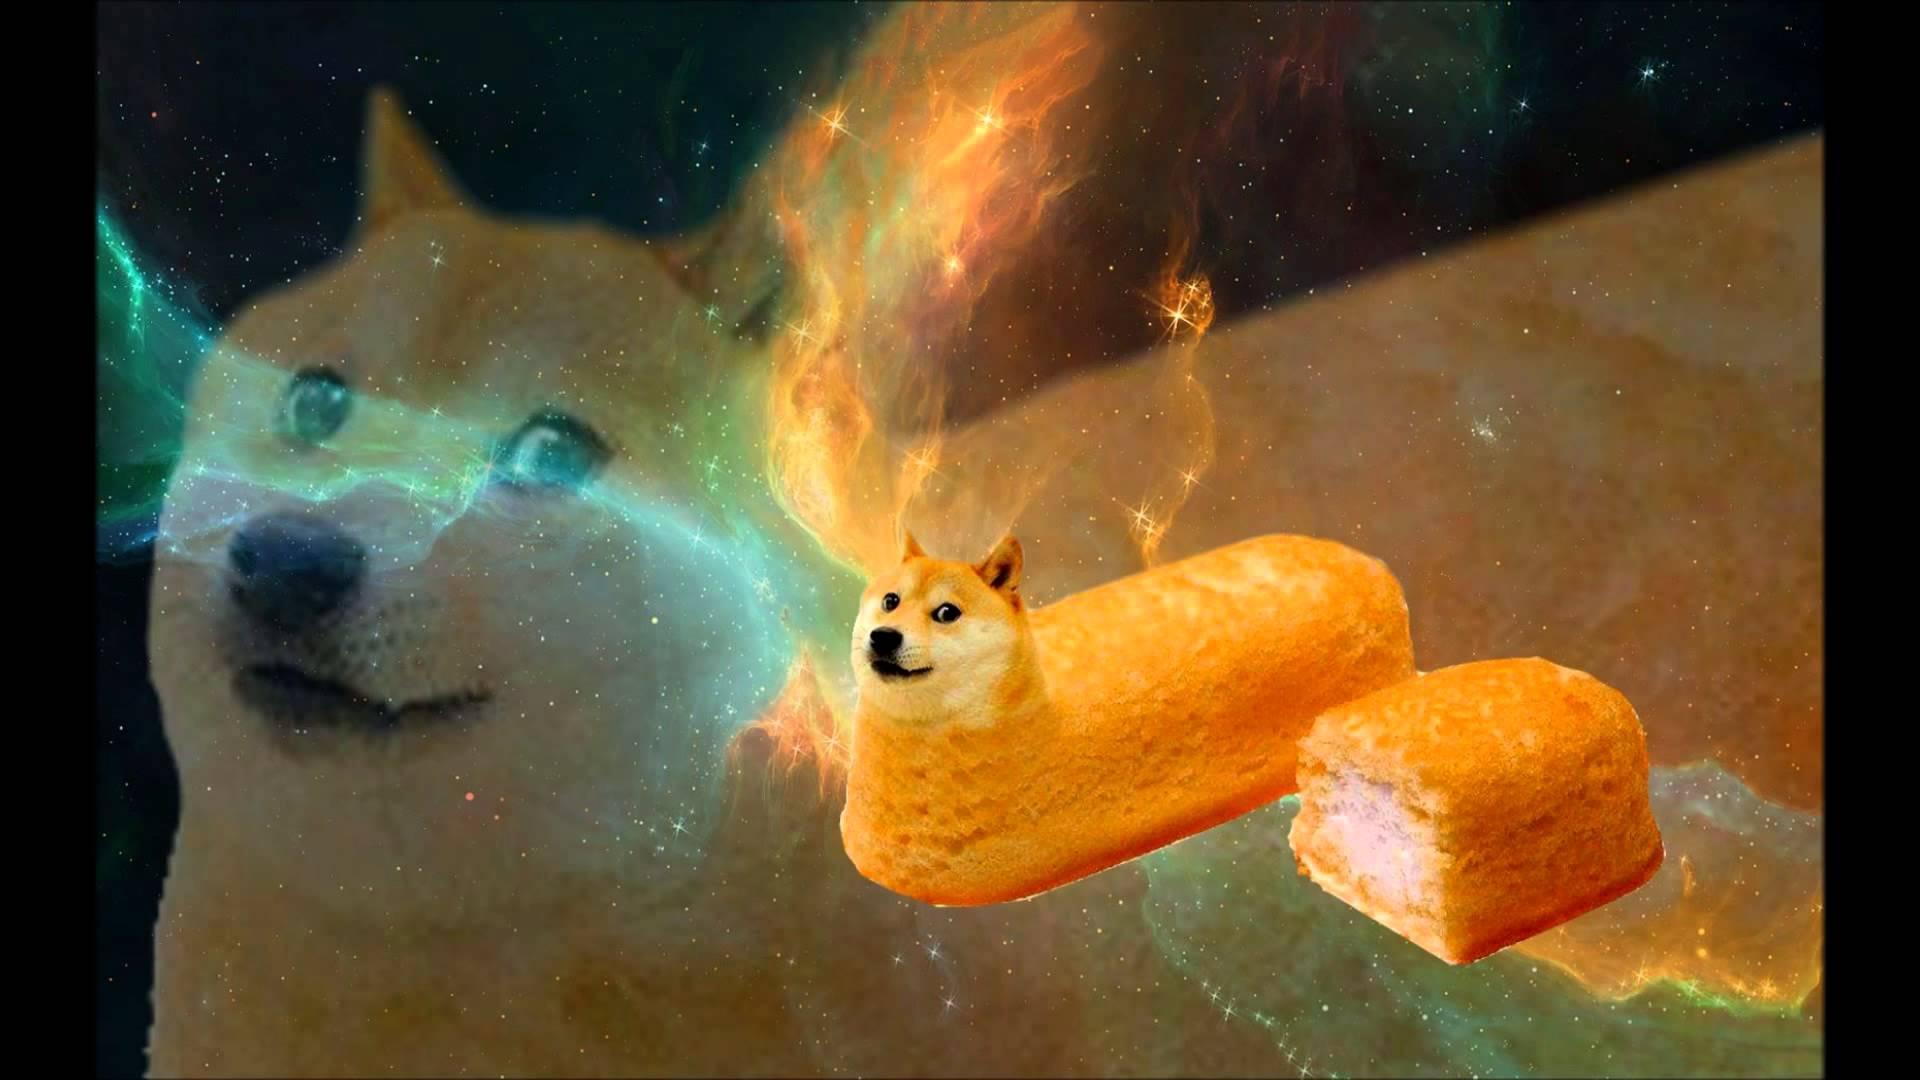 doge twinkie wallpaper hankd9 - photo #2